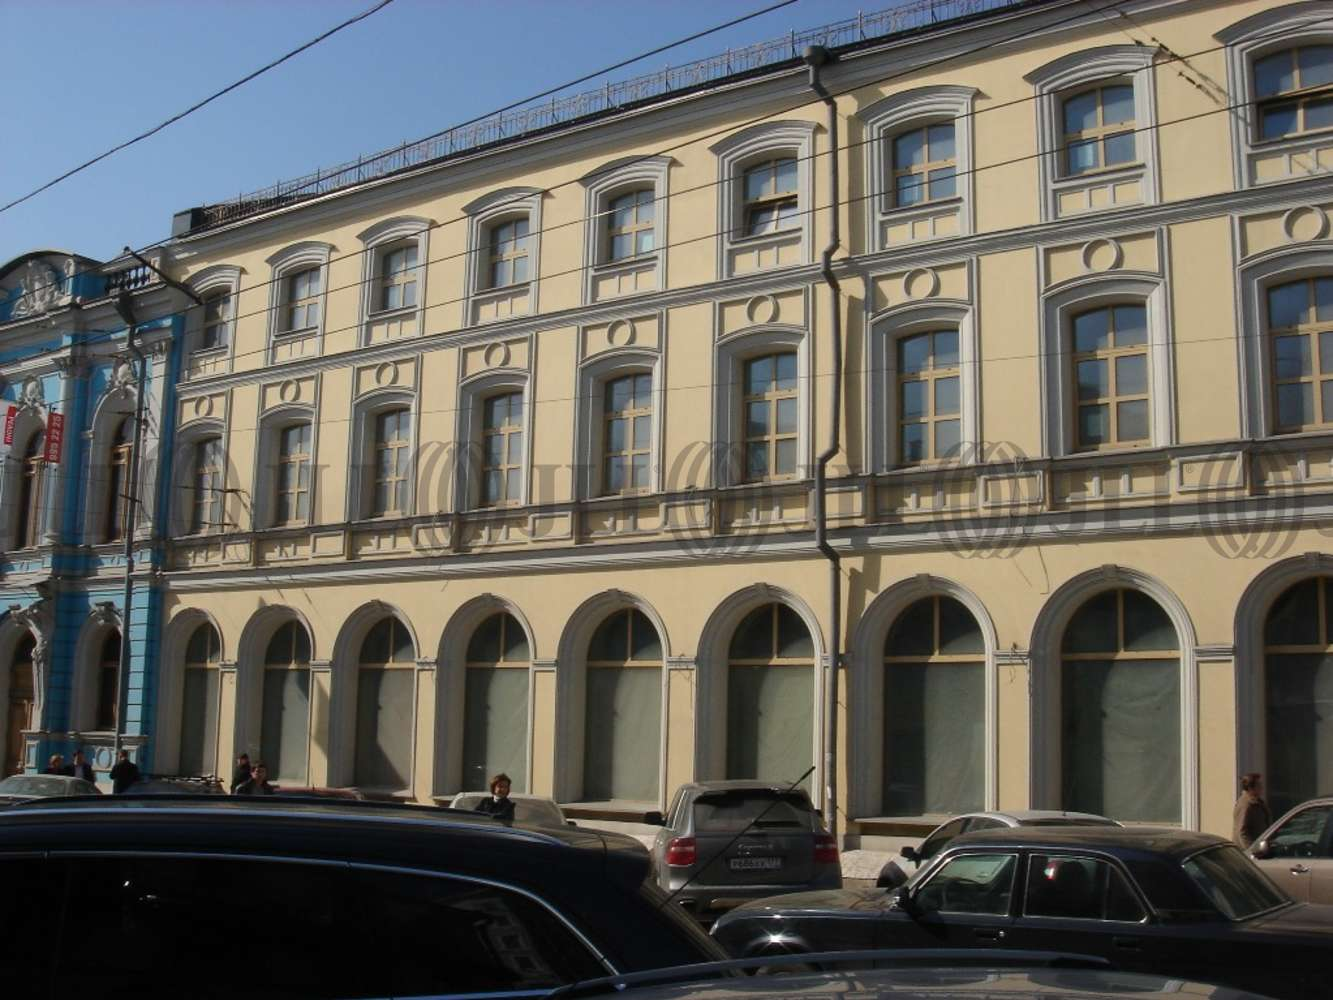 Офисная недвижимость Москва - Мясницкая ул., 7 стр. 1